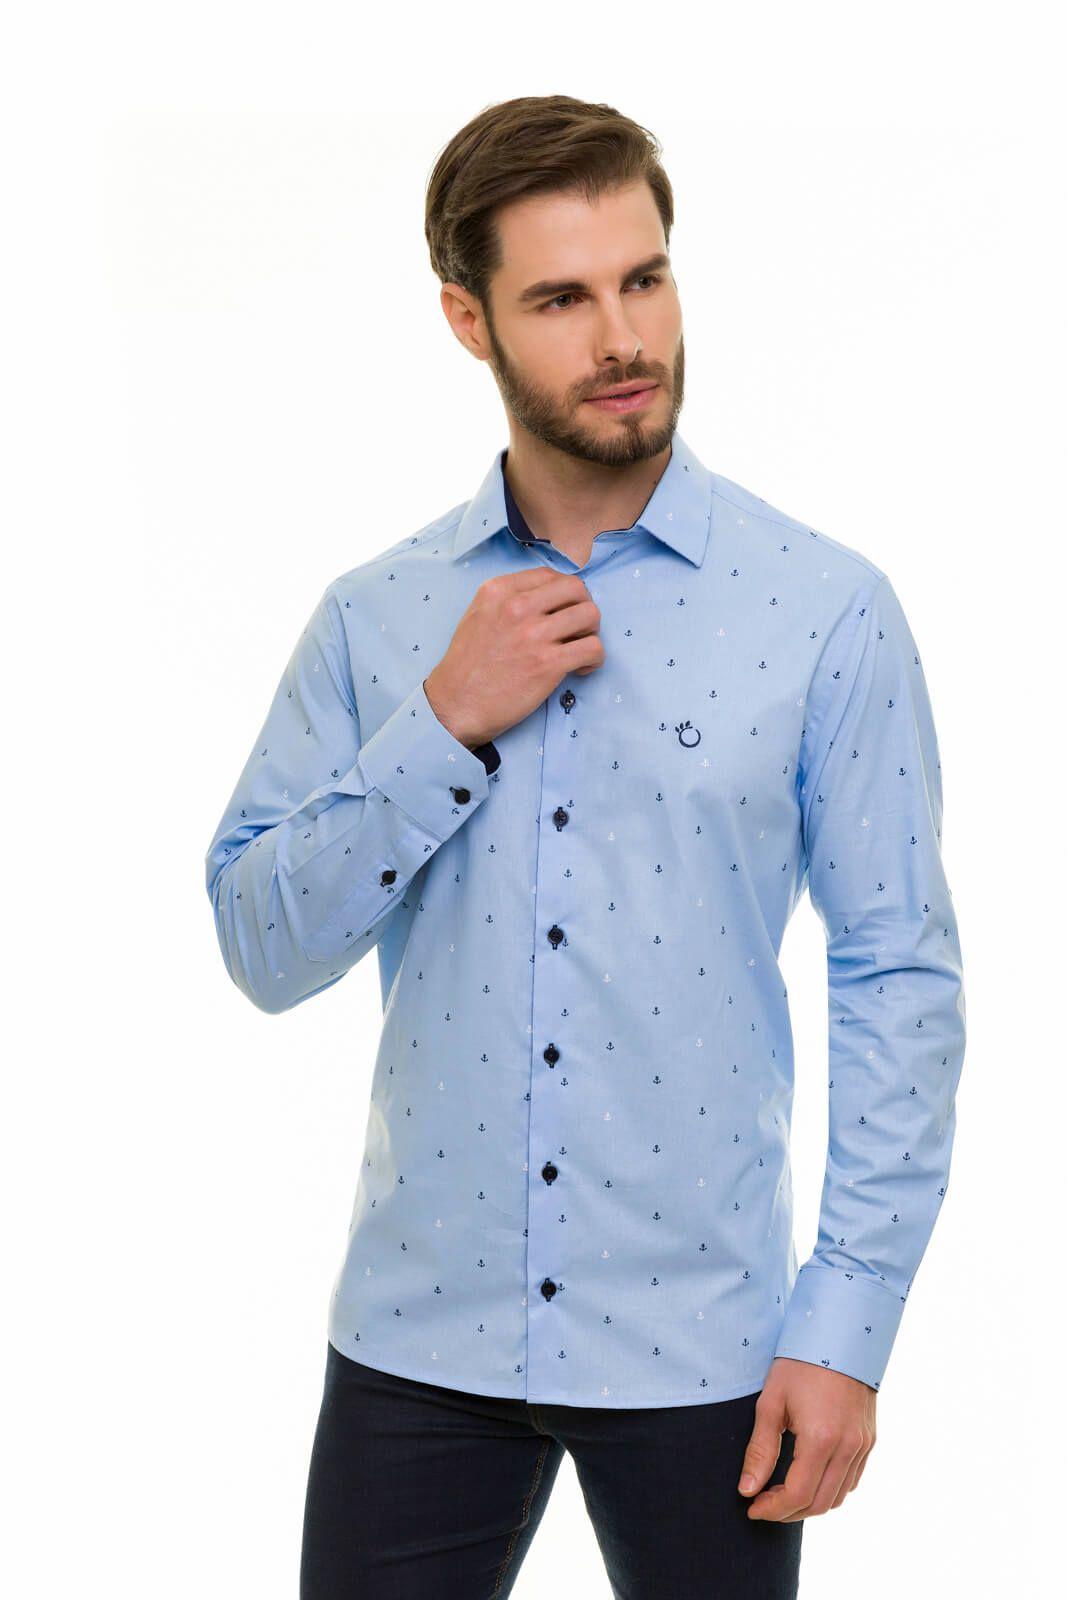 Camisa Social Olimpo Estampada Âncora 100% Algodão Fio 50 Manga Longa